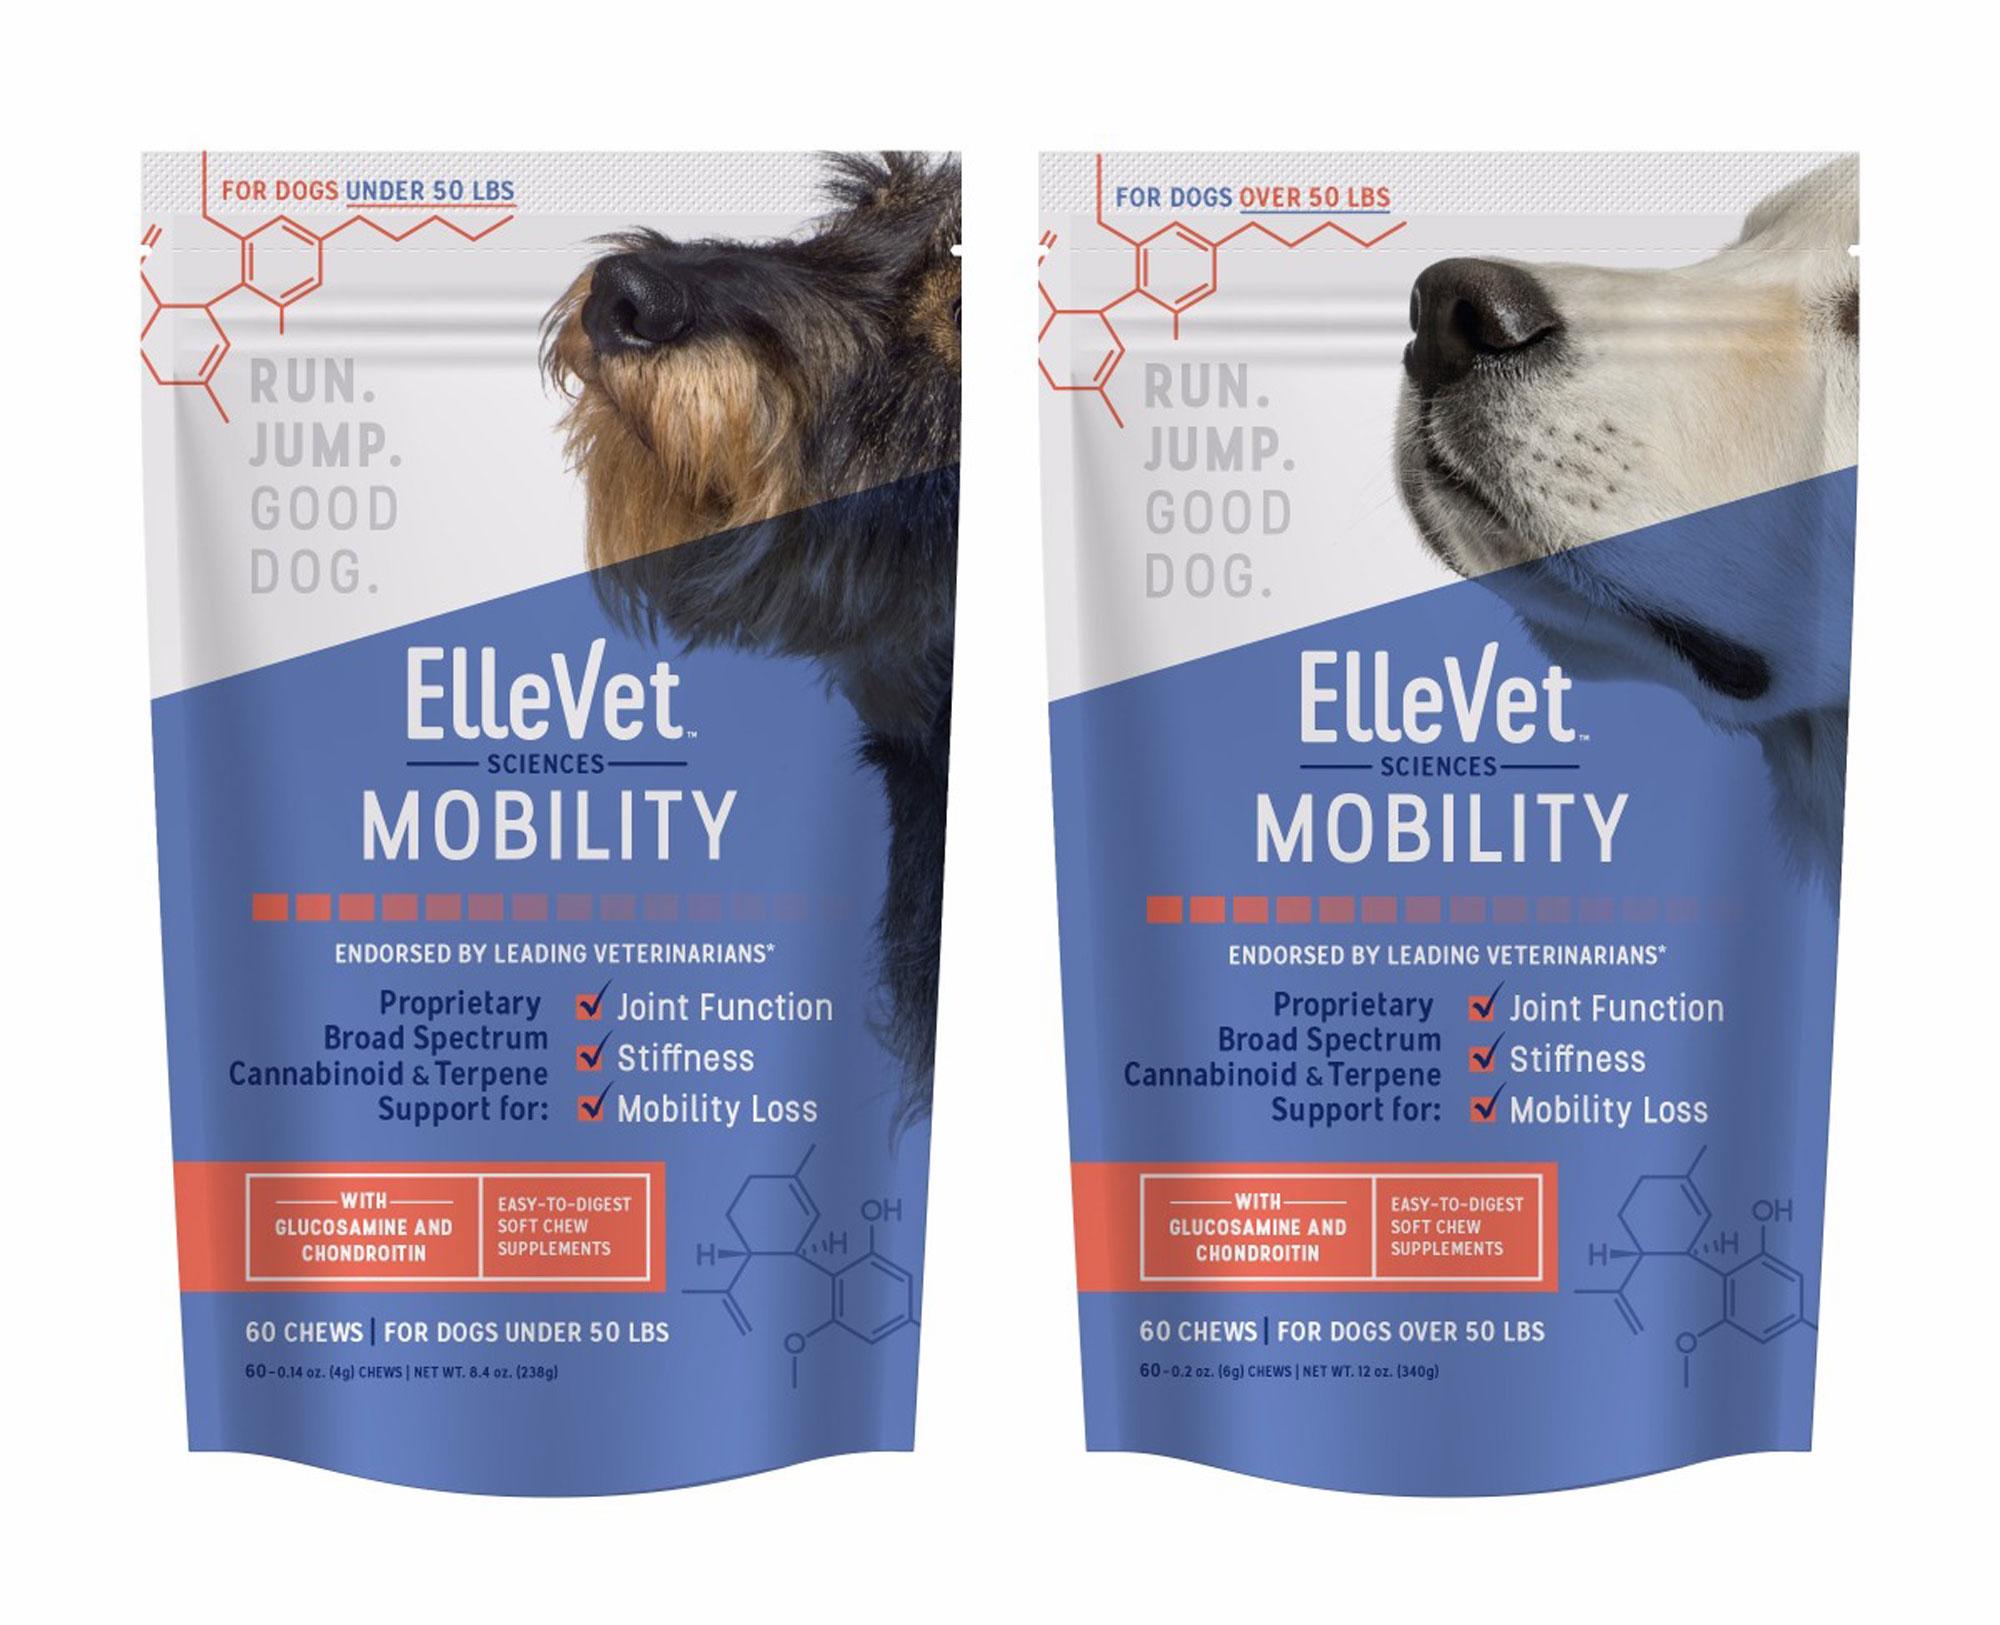 ElleVet Mobility - Dog Mobility Supplement